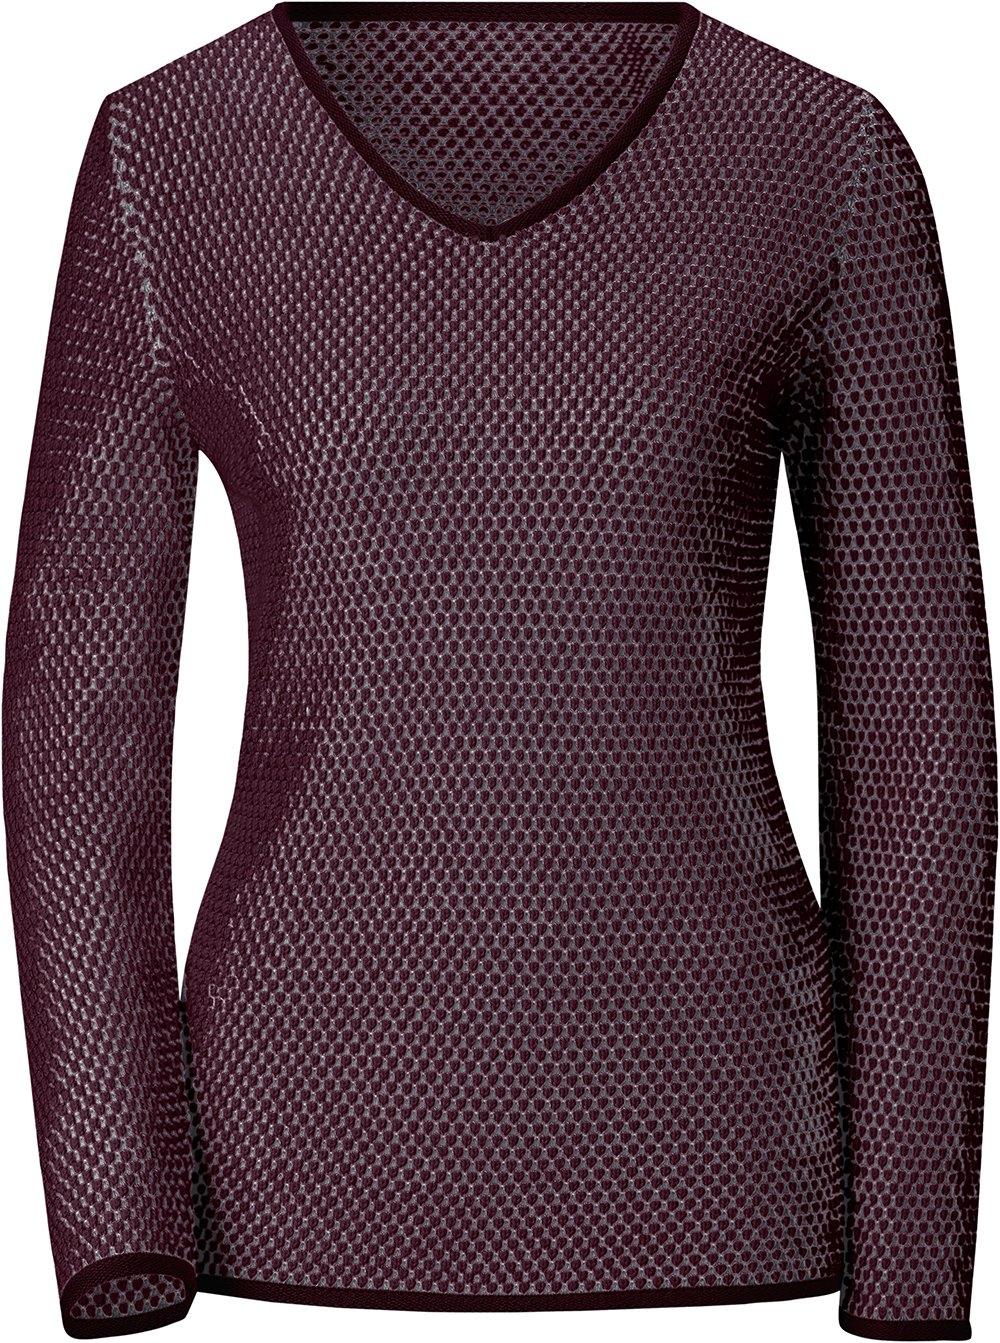 Casual Looks trui in een vlot model goedkoop op otto.nl kopen